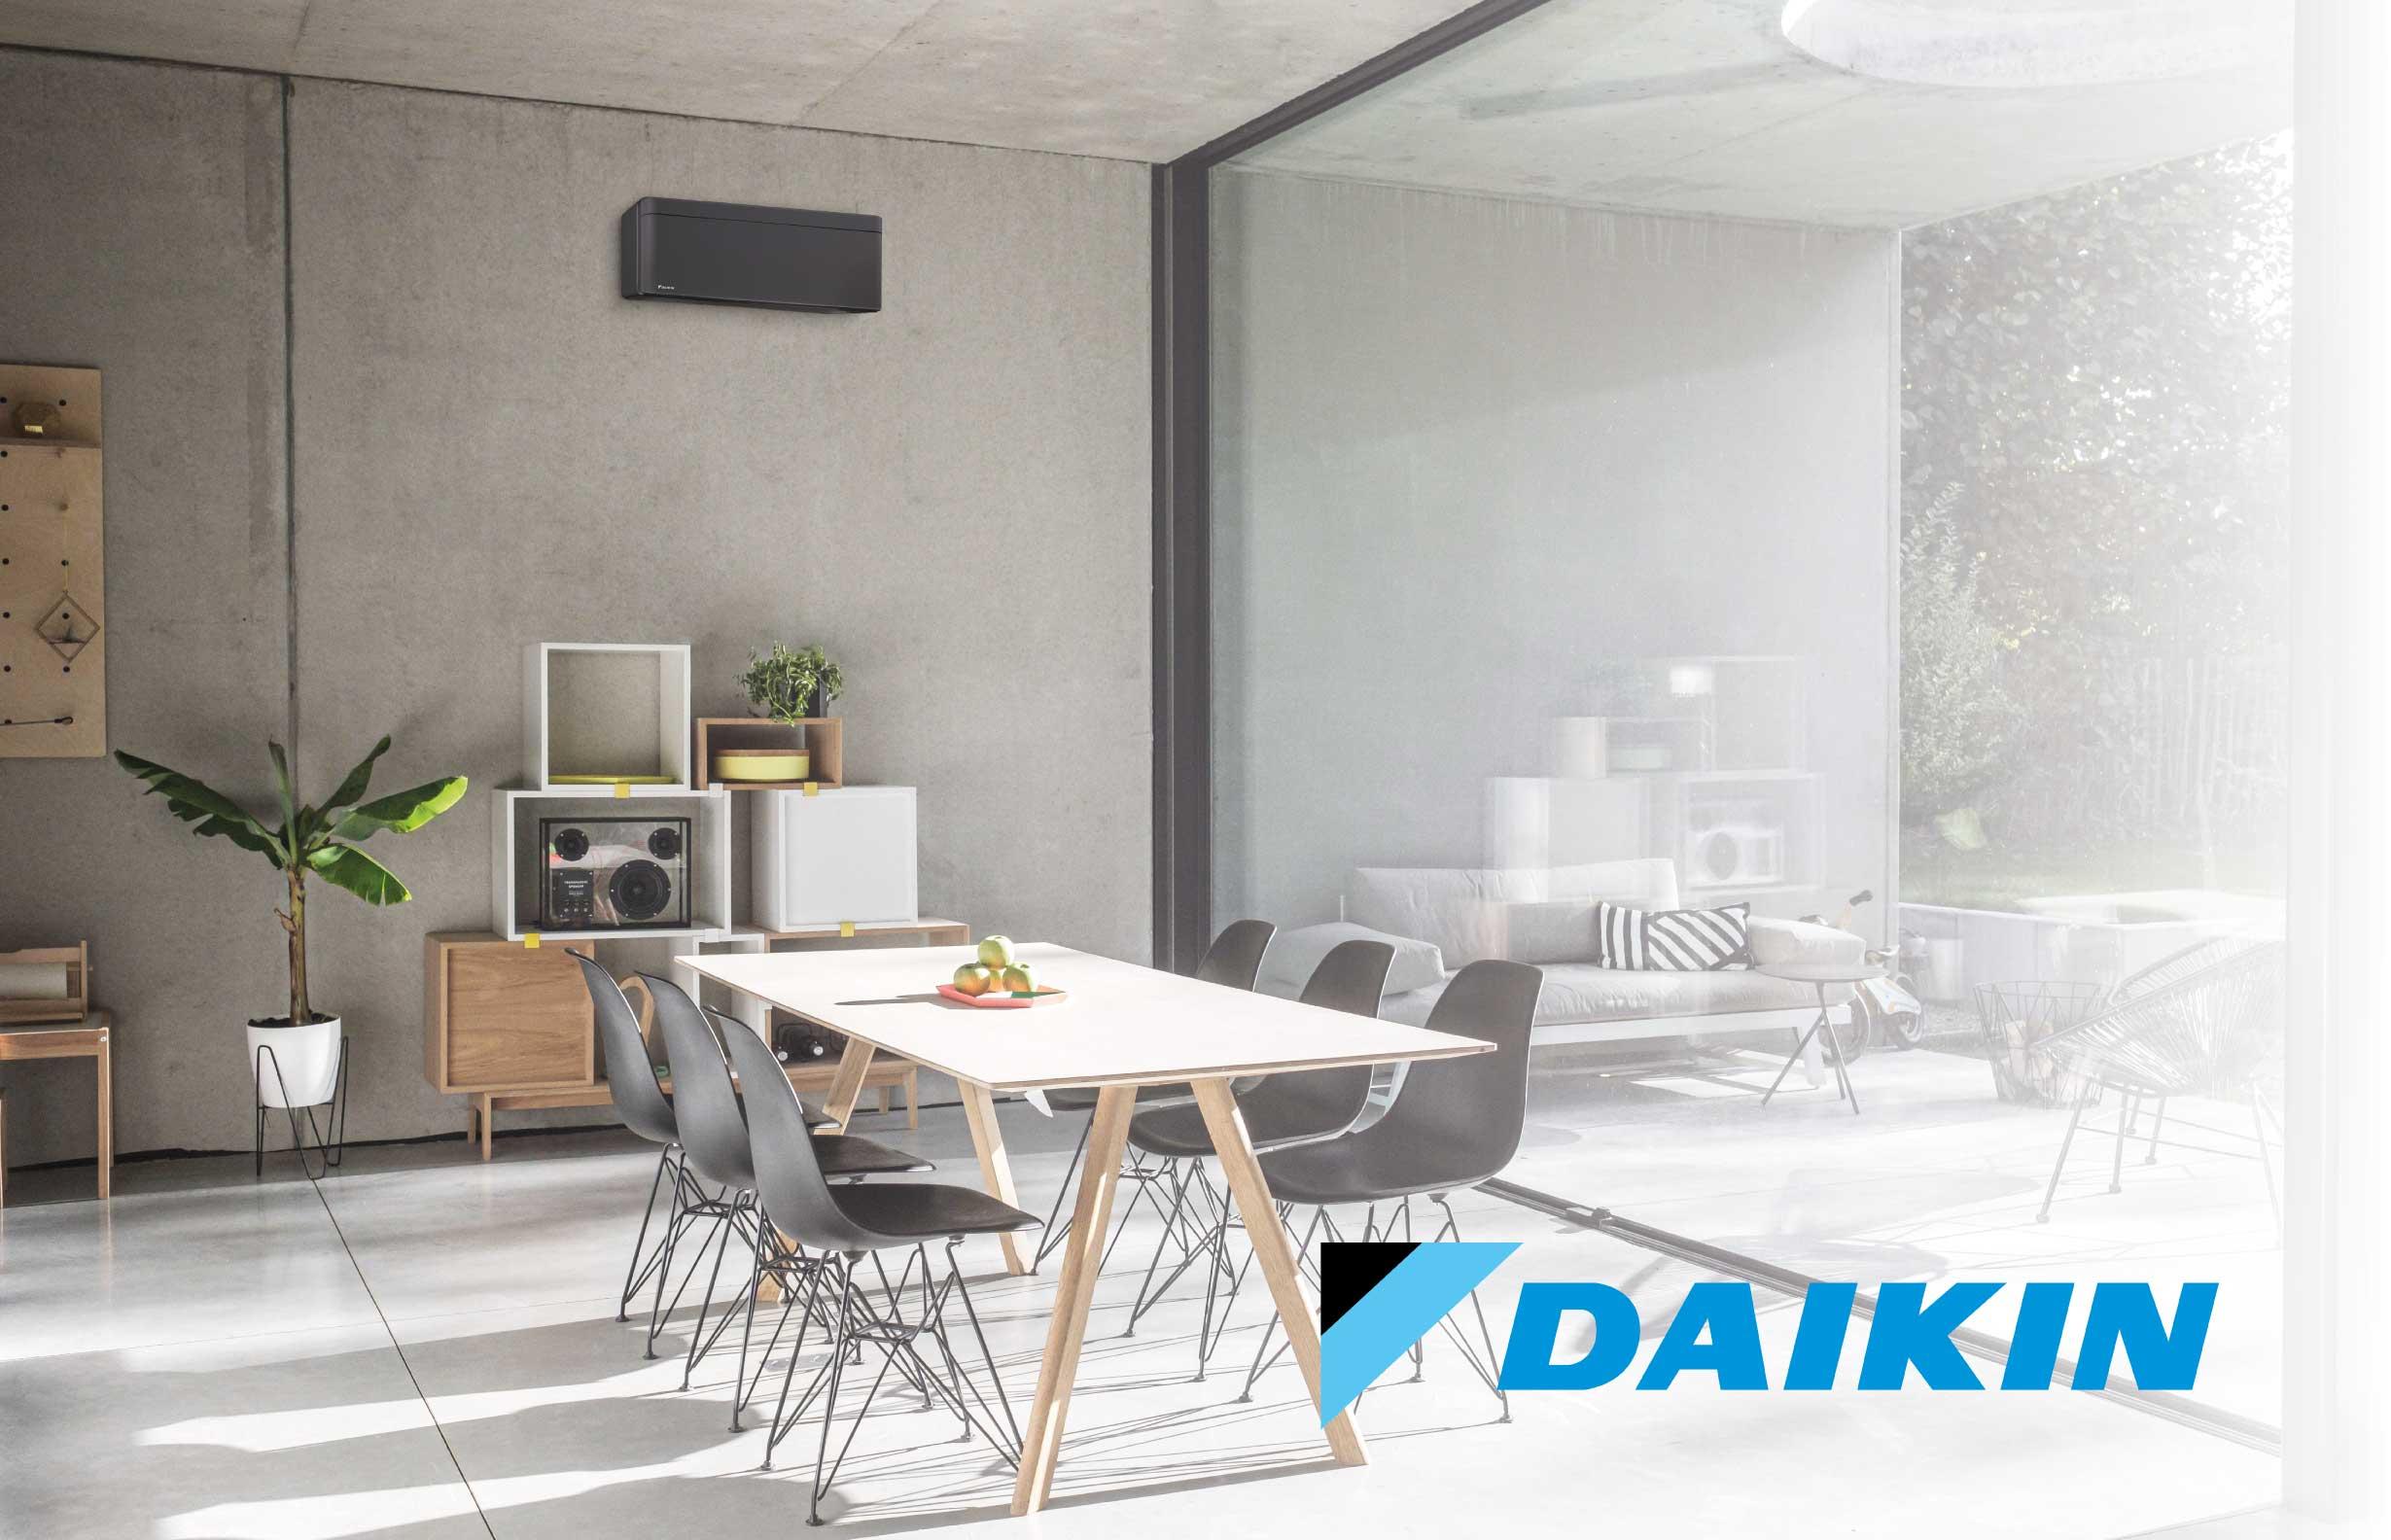 article_daikin